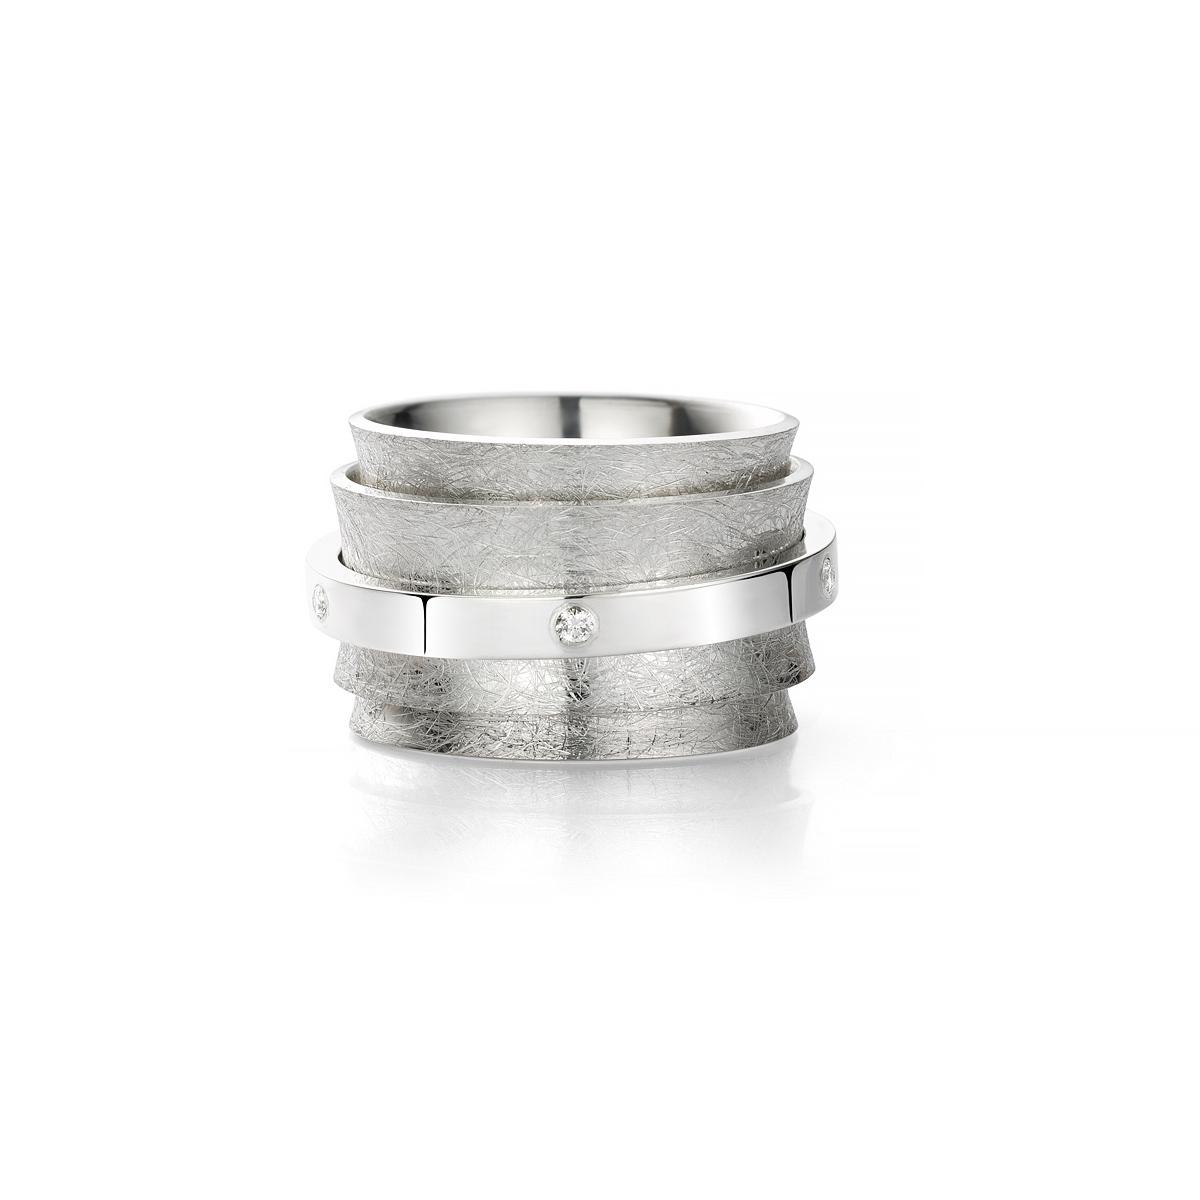 MOYA carrouselring met draaiende ringen en diamanten